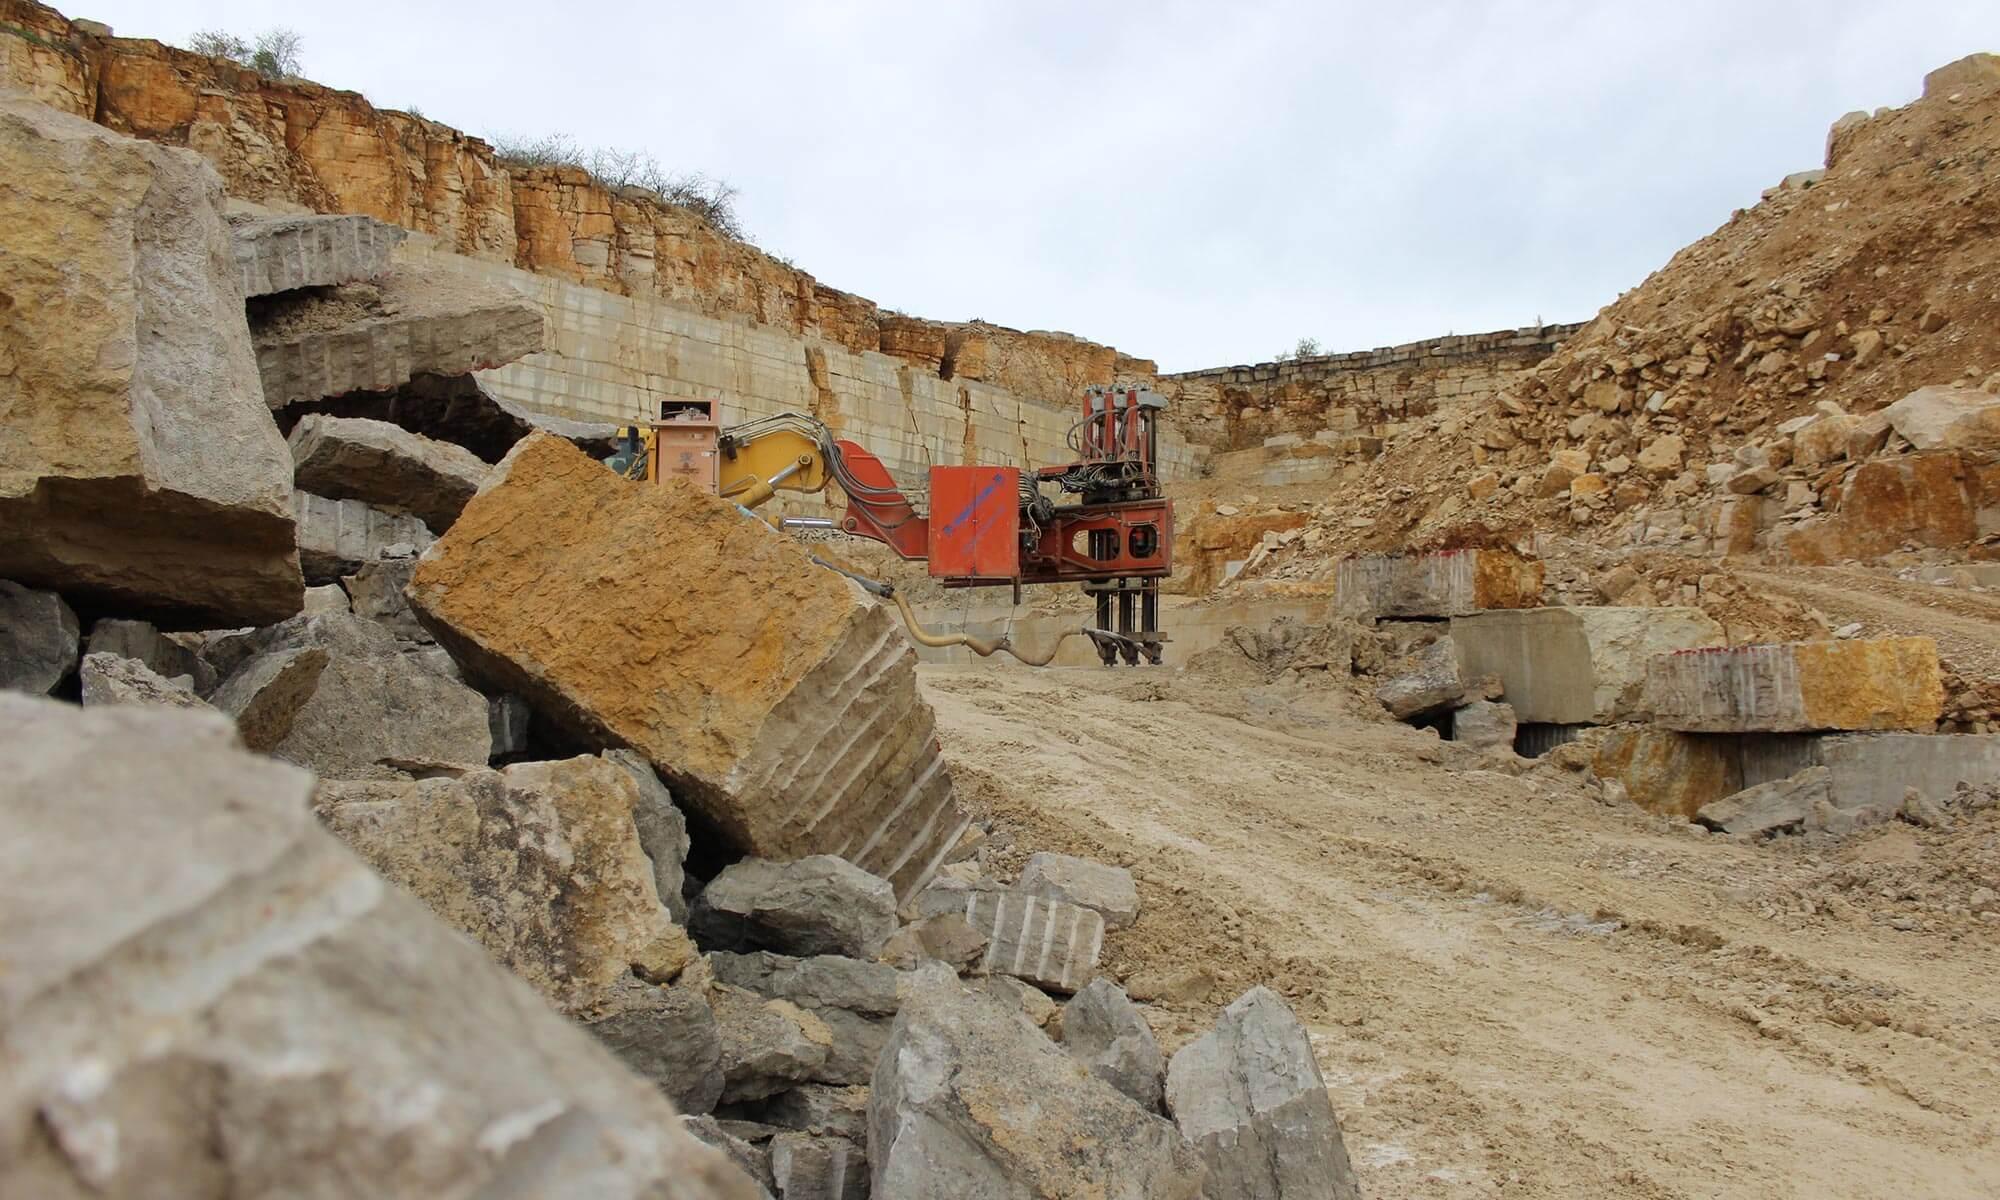 Im bayerischen Altmühltal wird er abgebaut: einer der härtesten Kalksteine der Welt. Credit: Friederike Voigt